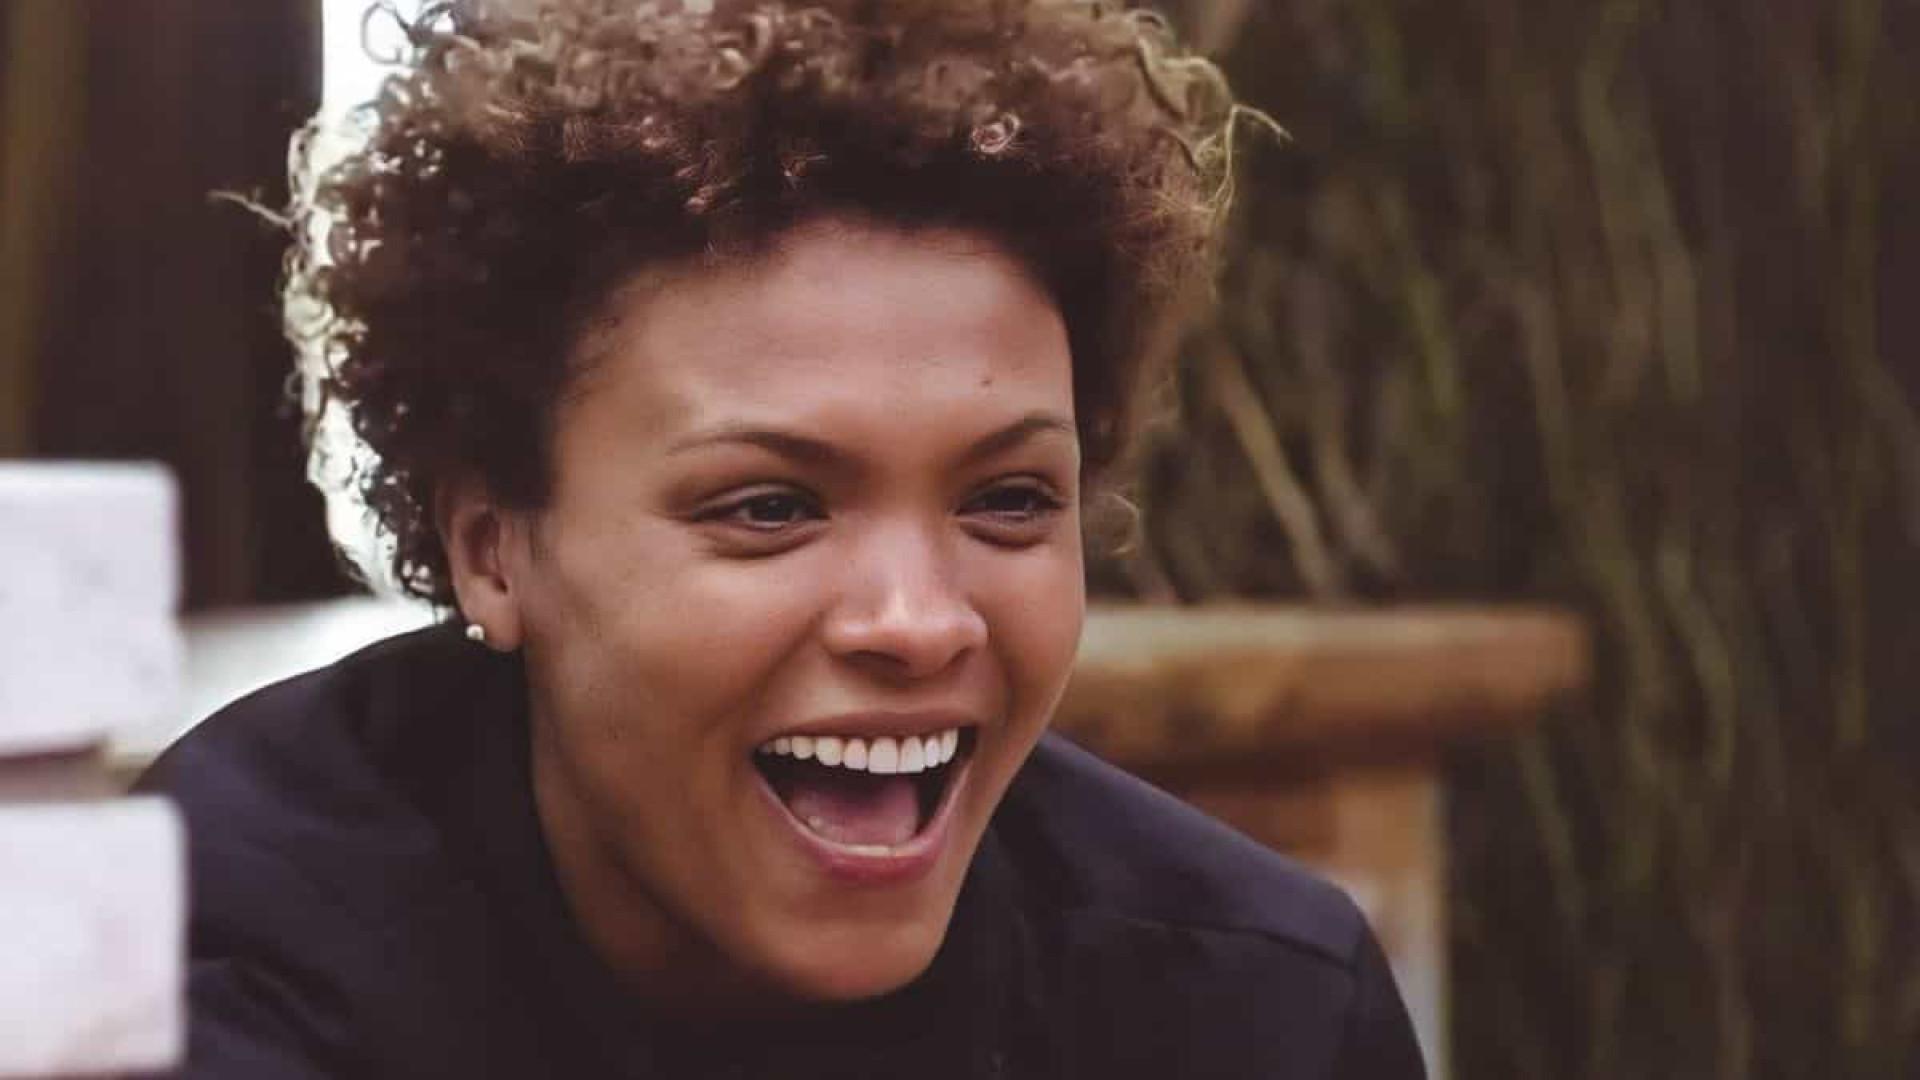 Lidi Lisboa diz que é alvo de racismo e chamada de 'macaca'